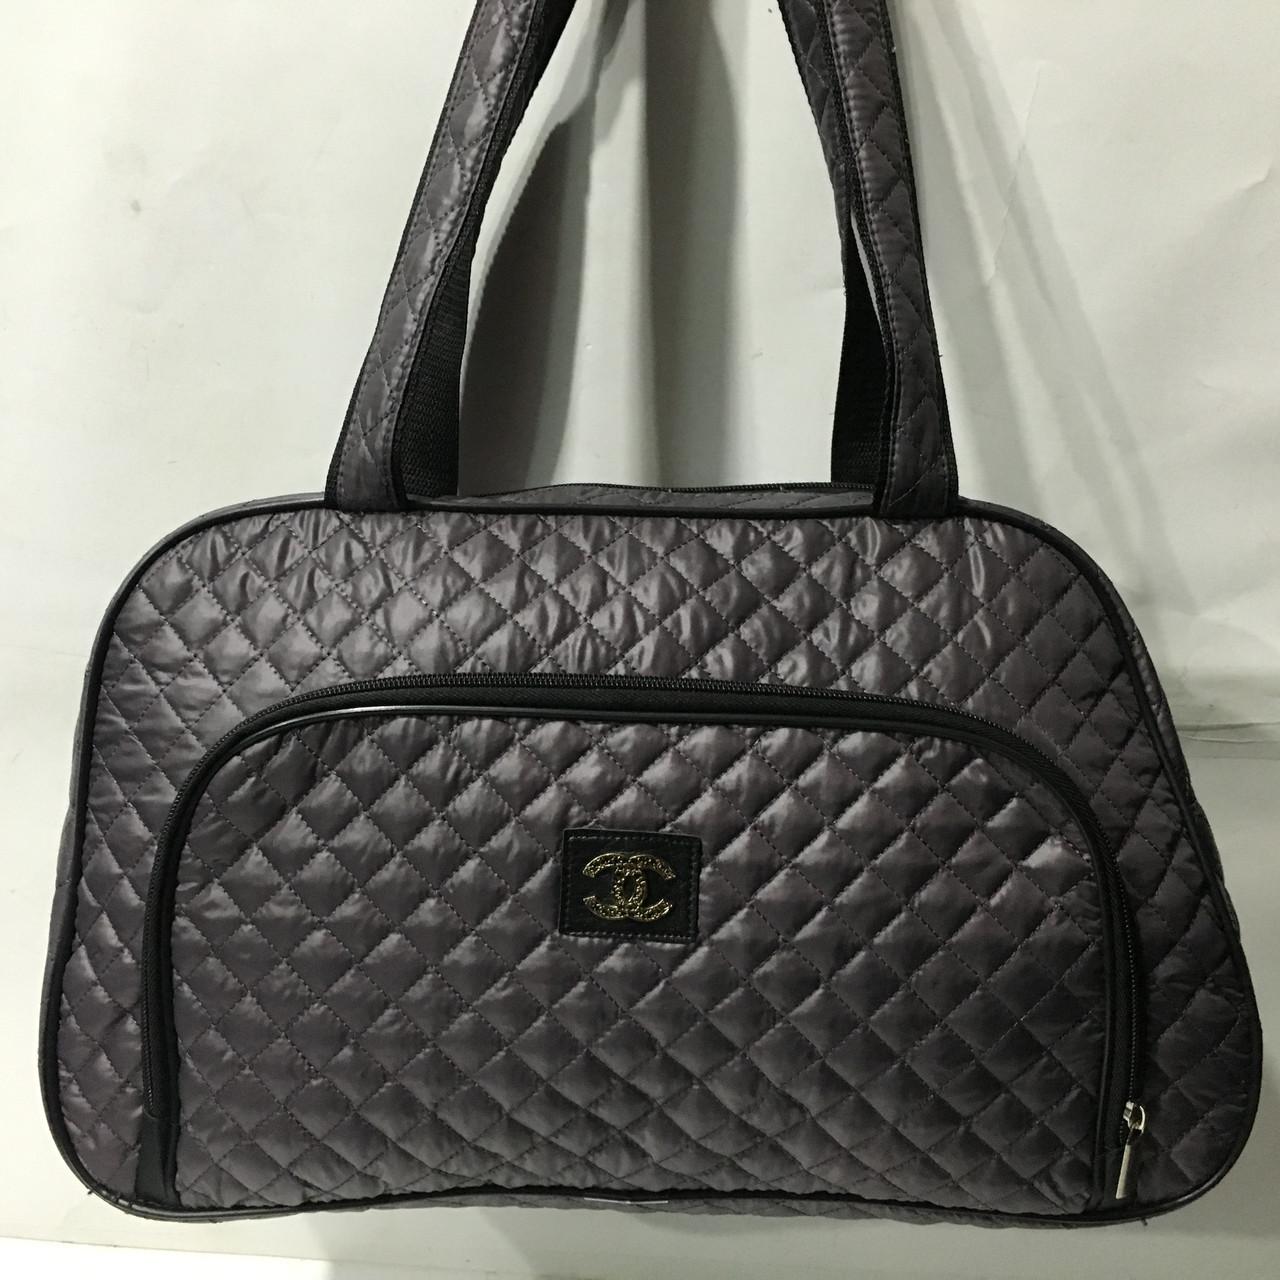 59aa3e0f14fd Сумка женская, стеганая Chanel (Шанель ) оптом - магазин спортивных сумок в  Харькове